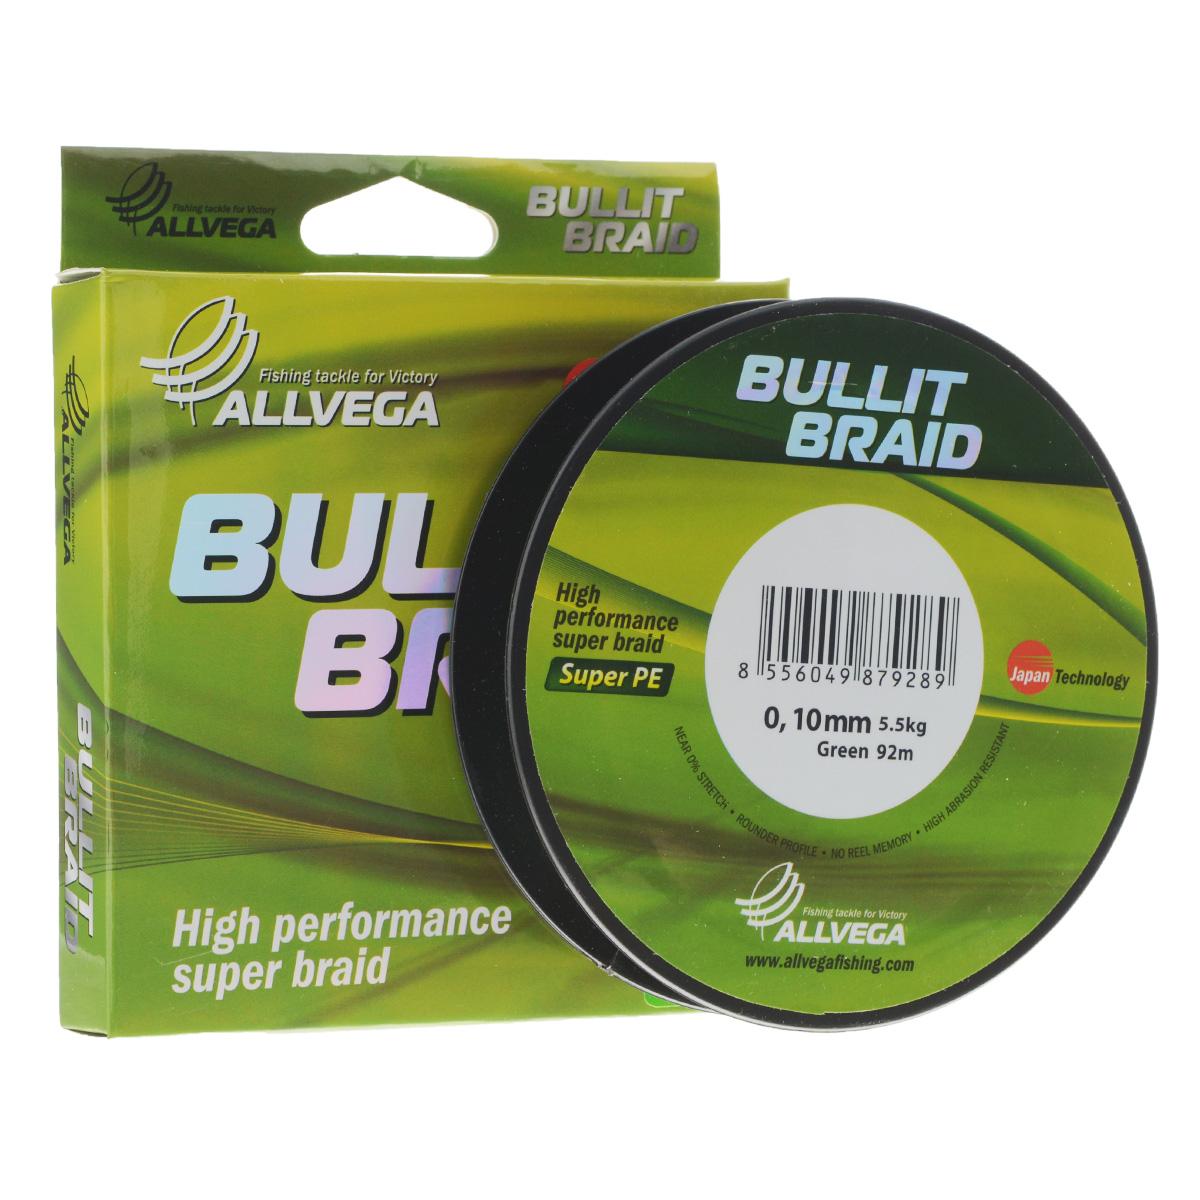 Леска плетеная Allvega Bullit Braid, цвет: темно-зеленый, 92 м, 0,10 мм, 5,5 кг21419Леска Allvega Bullit Braid с гладкой поверхностью и одинаковым сечением по всей длине обладает высокой износостойкостью. Благодаря микроволокнам полиэтилена (Super PE) леска имеет очень плотное плетение и не впитывает воду. Леску Allvega Bullit Braid можно применять в любых типах водоемов. Особенности: - повышенная износостойкость; - высокая чувствительность - коэффициент растяжения близок к нулю; - отсутствует память; - идеально гладкая поверхность позволяет увеличить дальность забросов; - высокая прочность шнура на узлах.